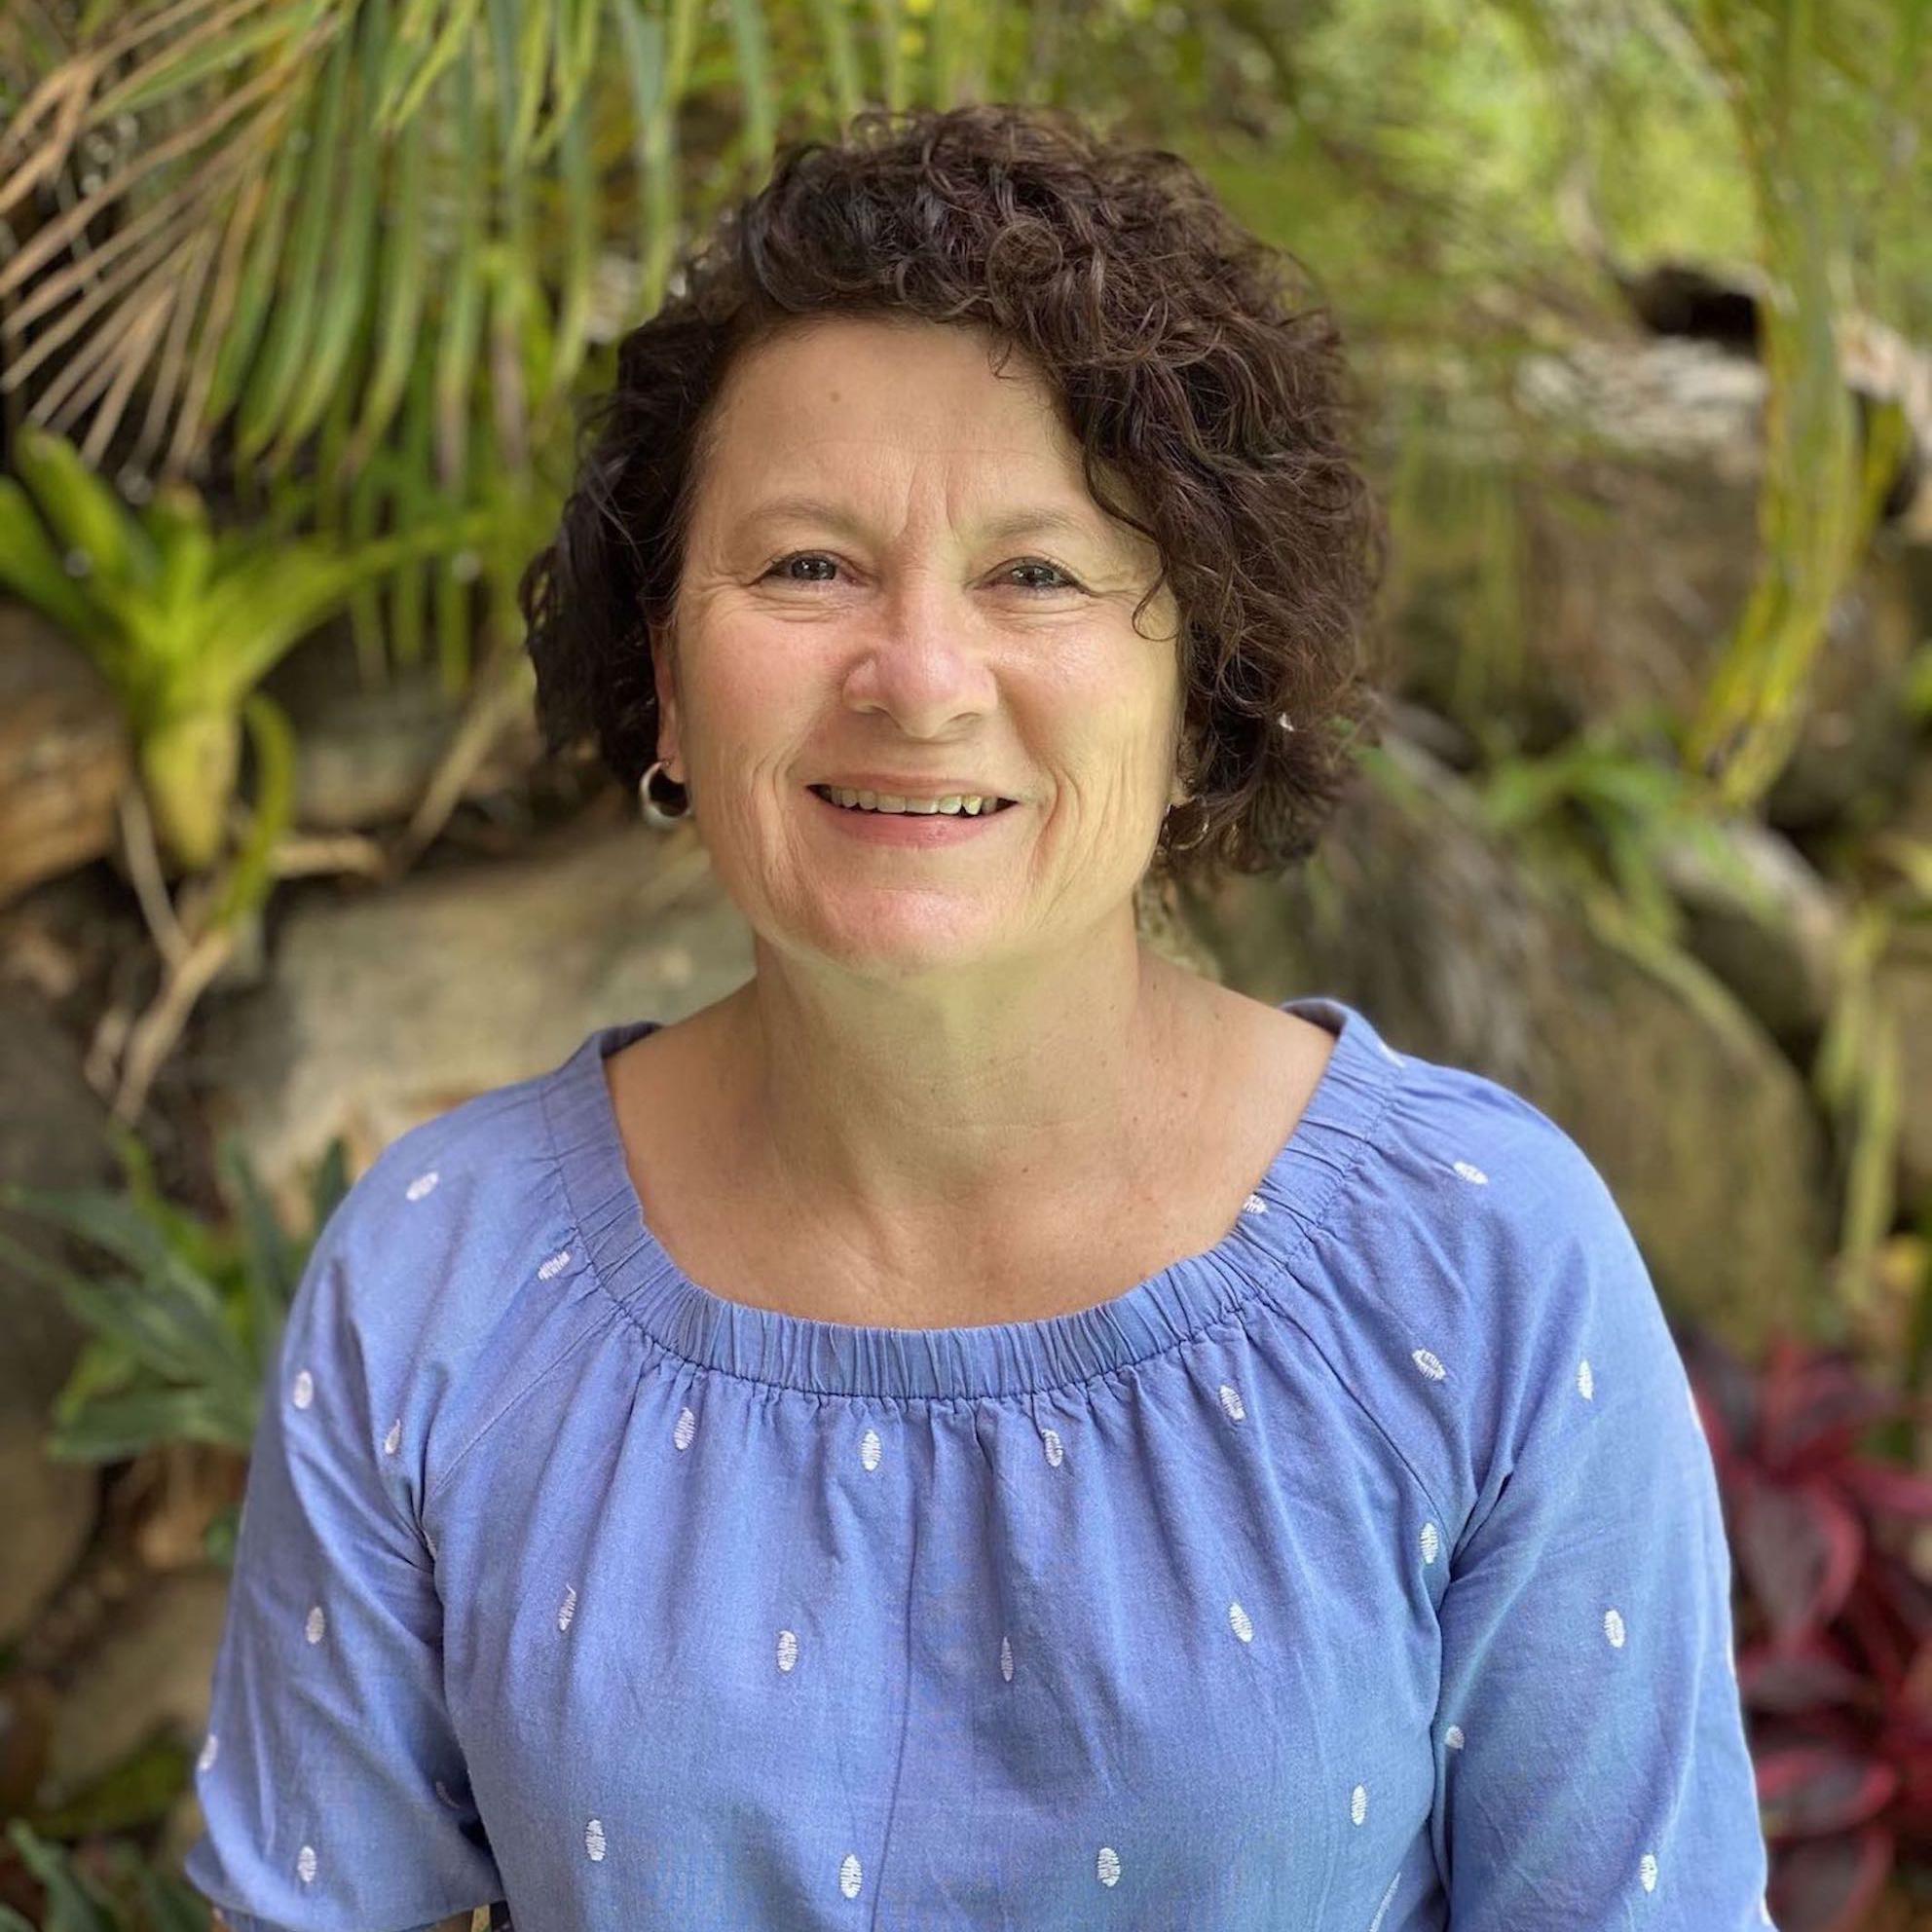 Louise Lupton